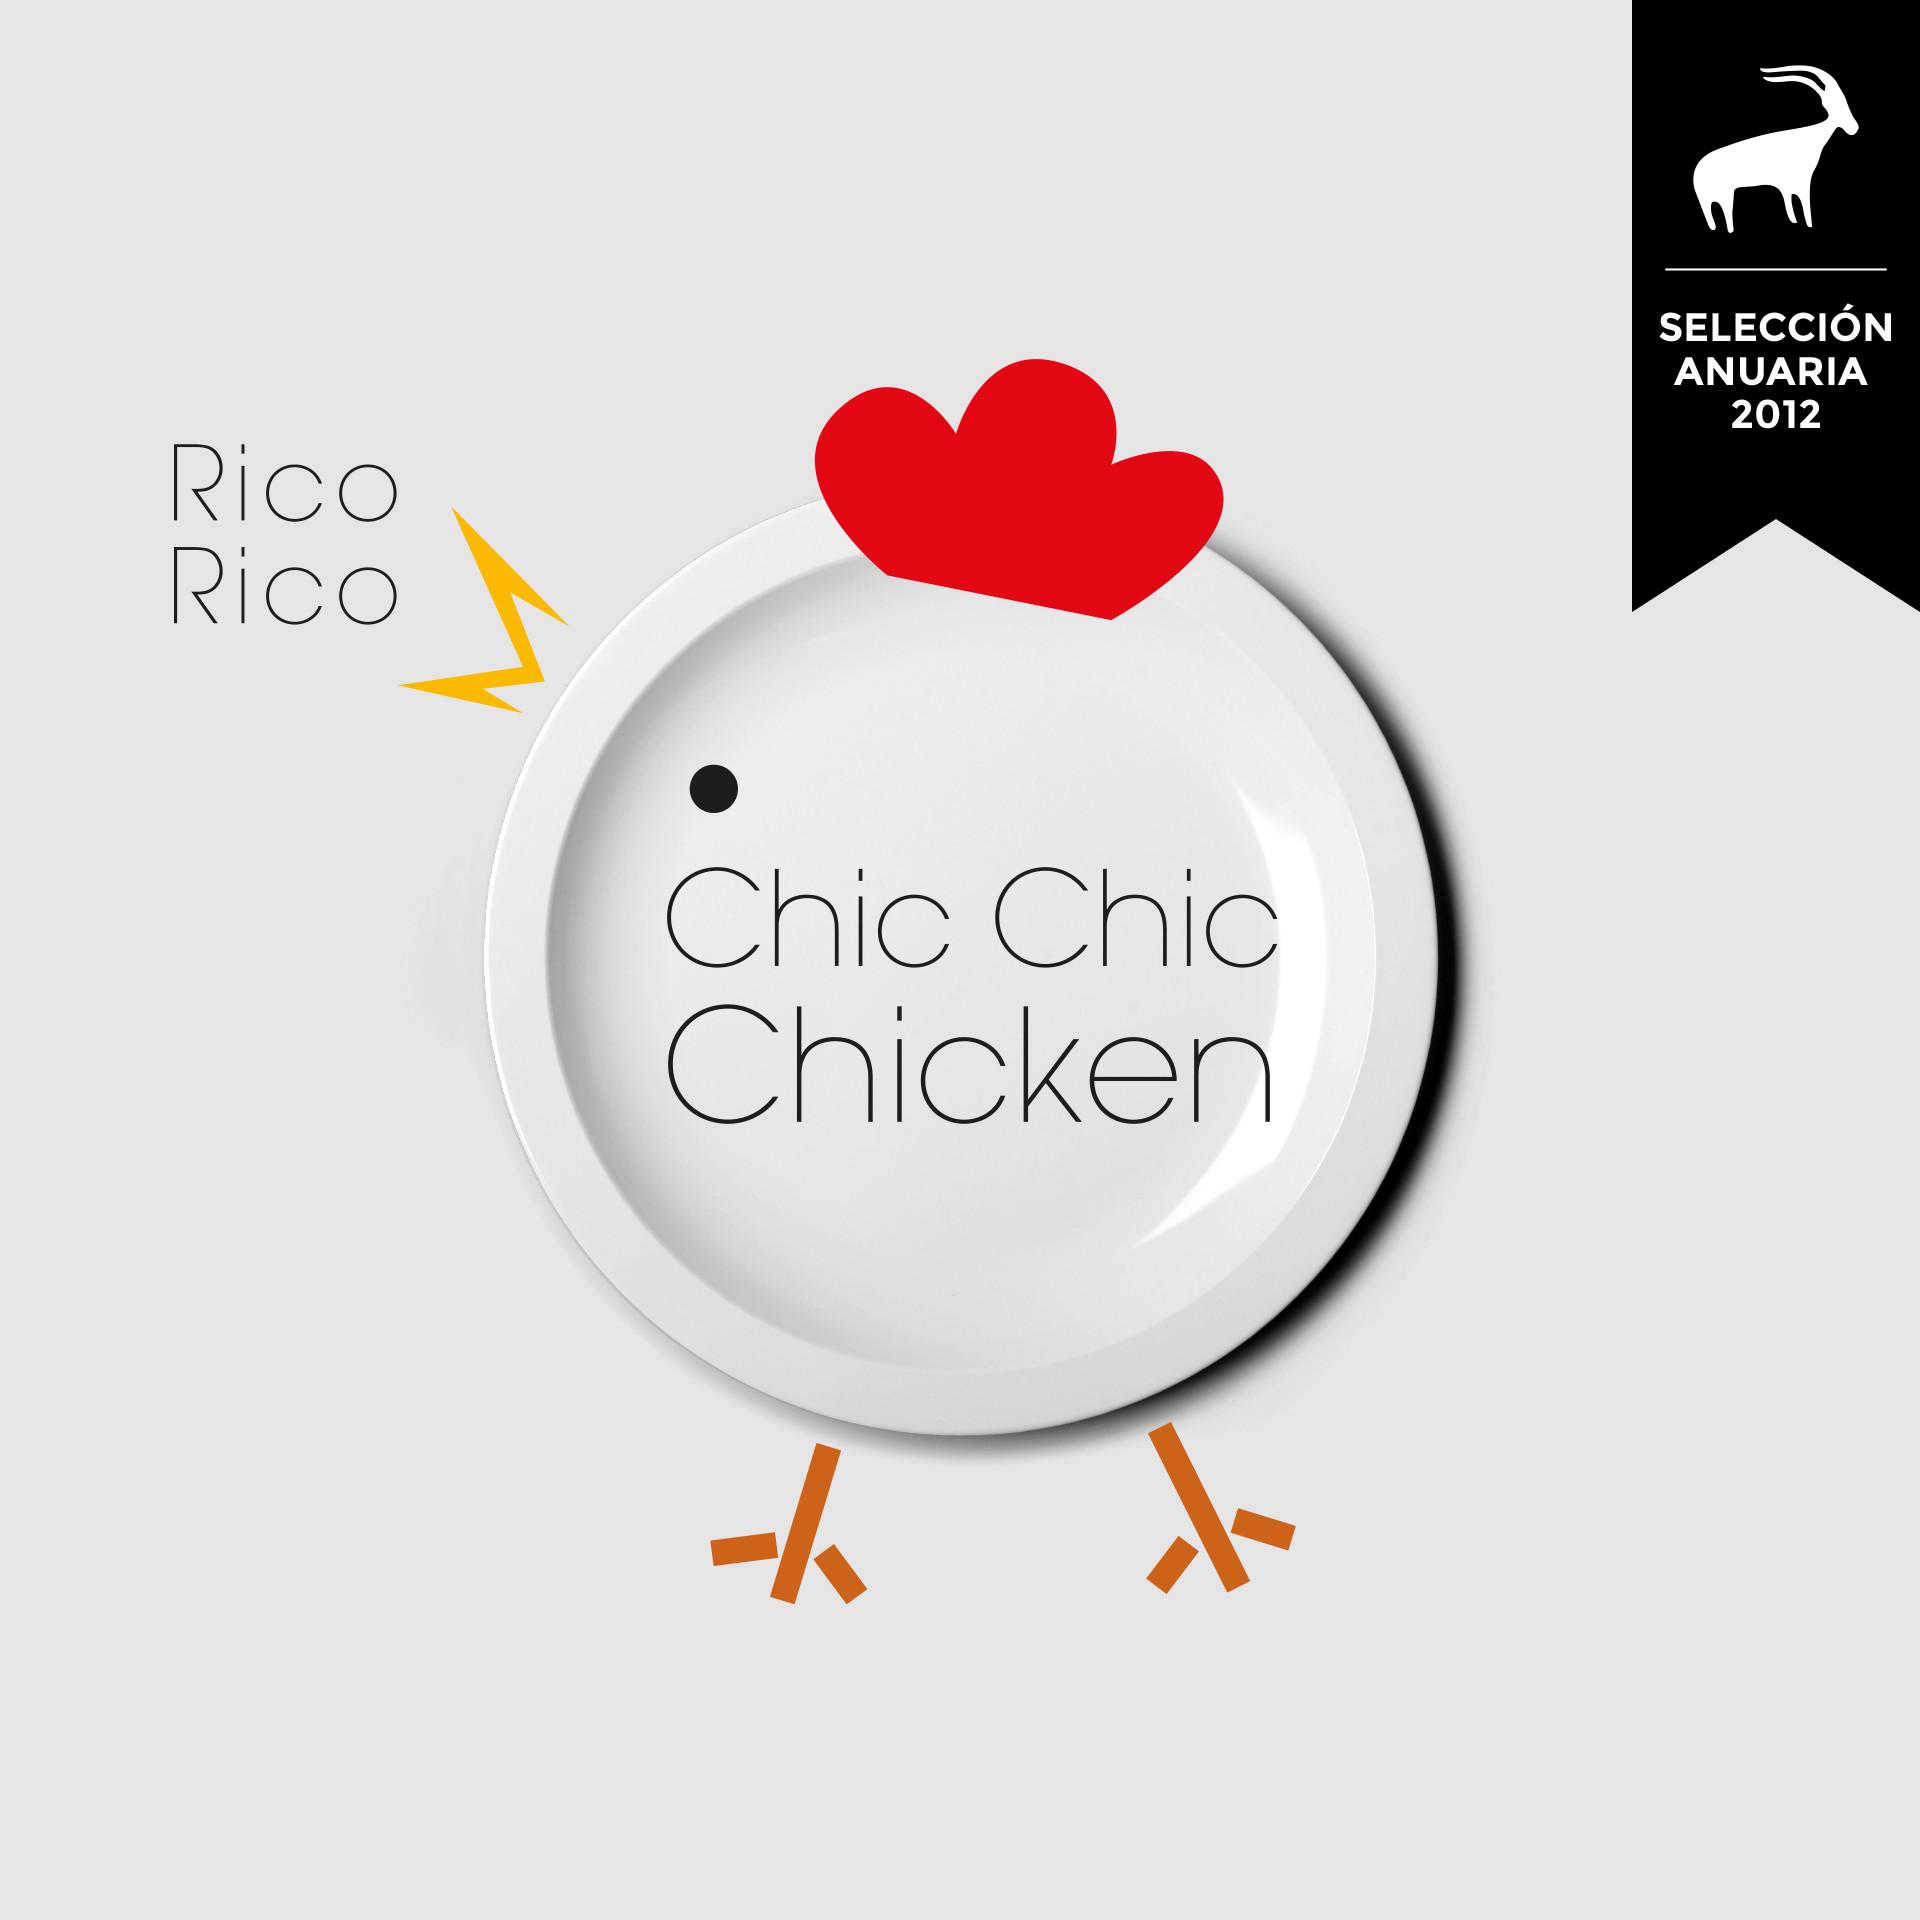 diseño logotipo restaurante chic chic chicken Logroño selección anuaria 2012